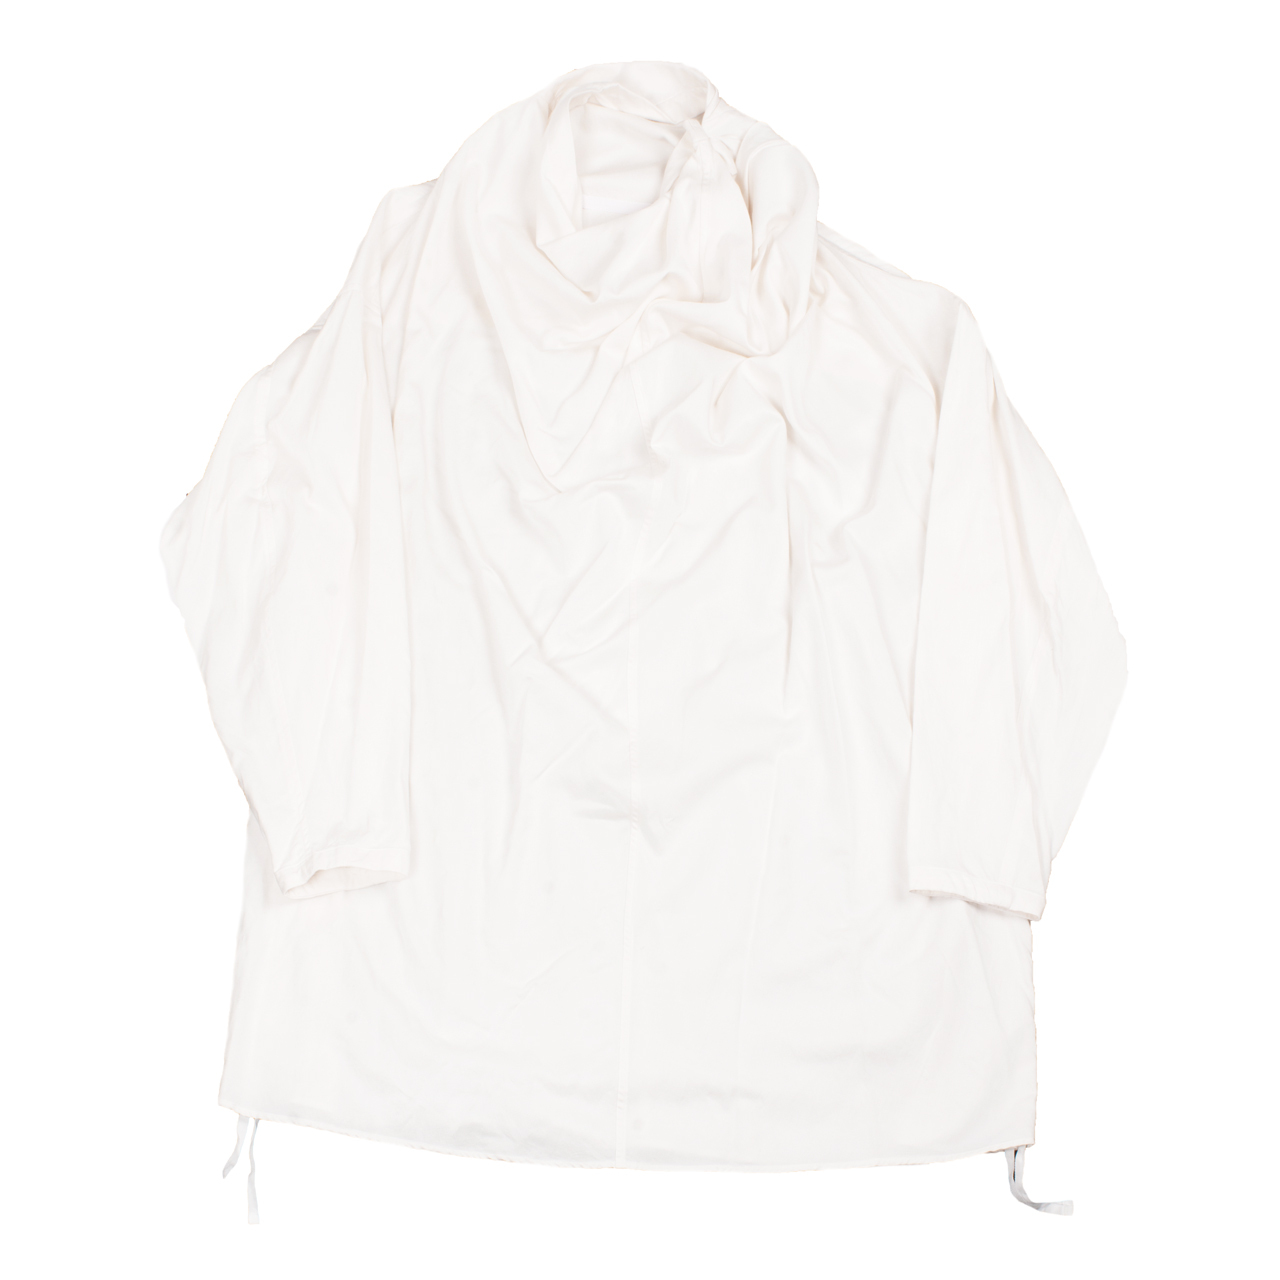 727SHM3-OFF WHITE / ドレープ ネック シャツ